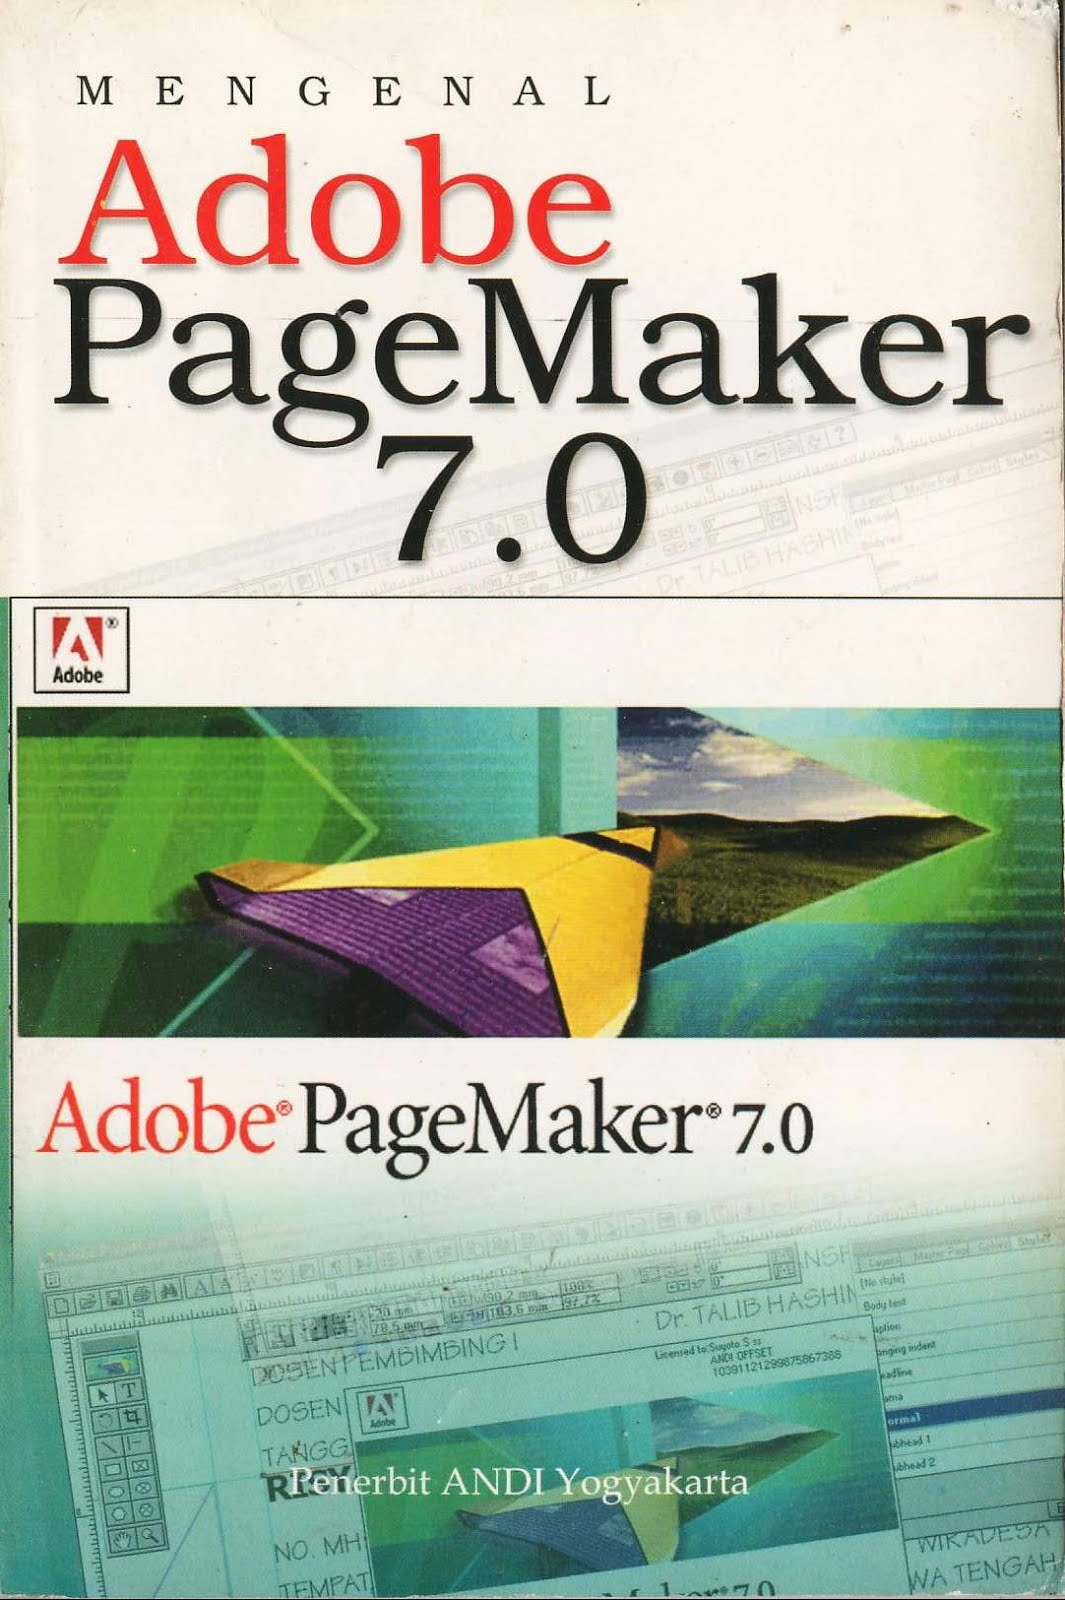 Mengenal Adobe PageMaker 7.0